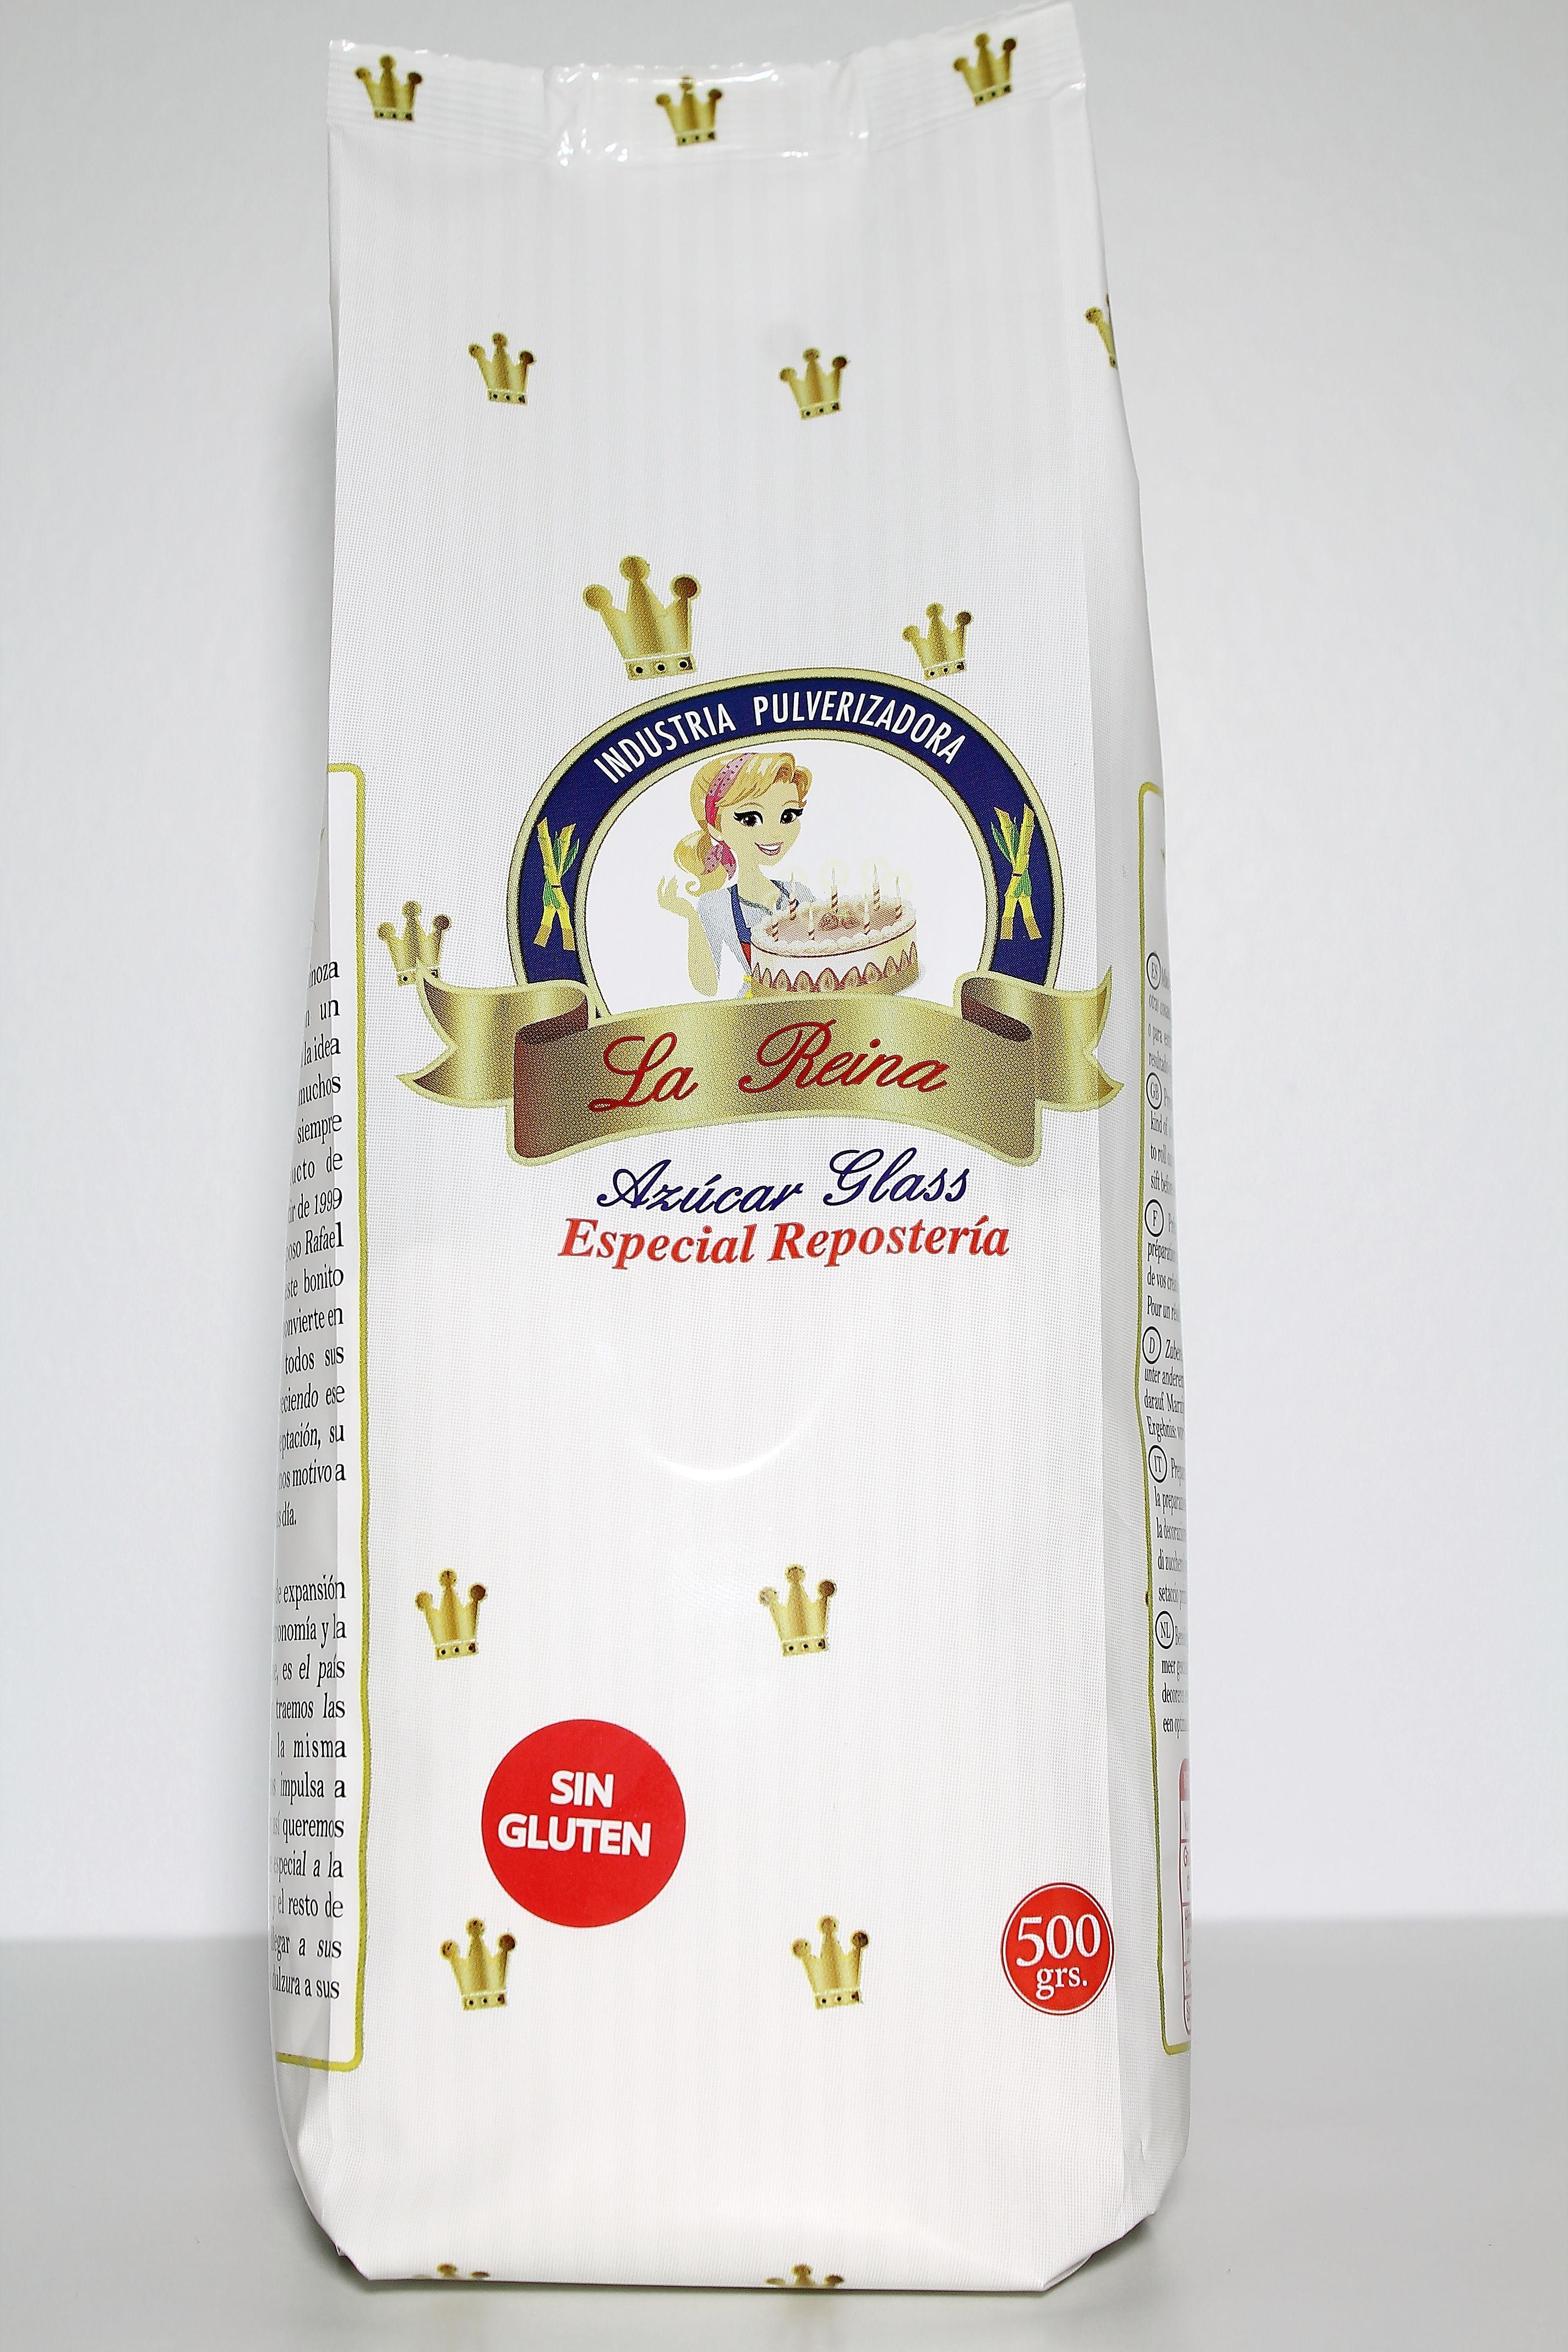 Azúcar glass para Alcobendas en varios formatos